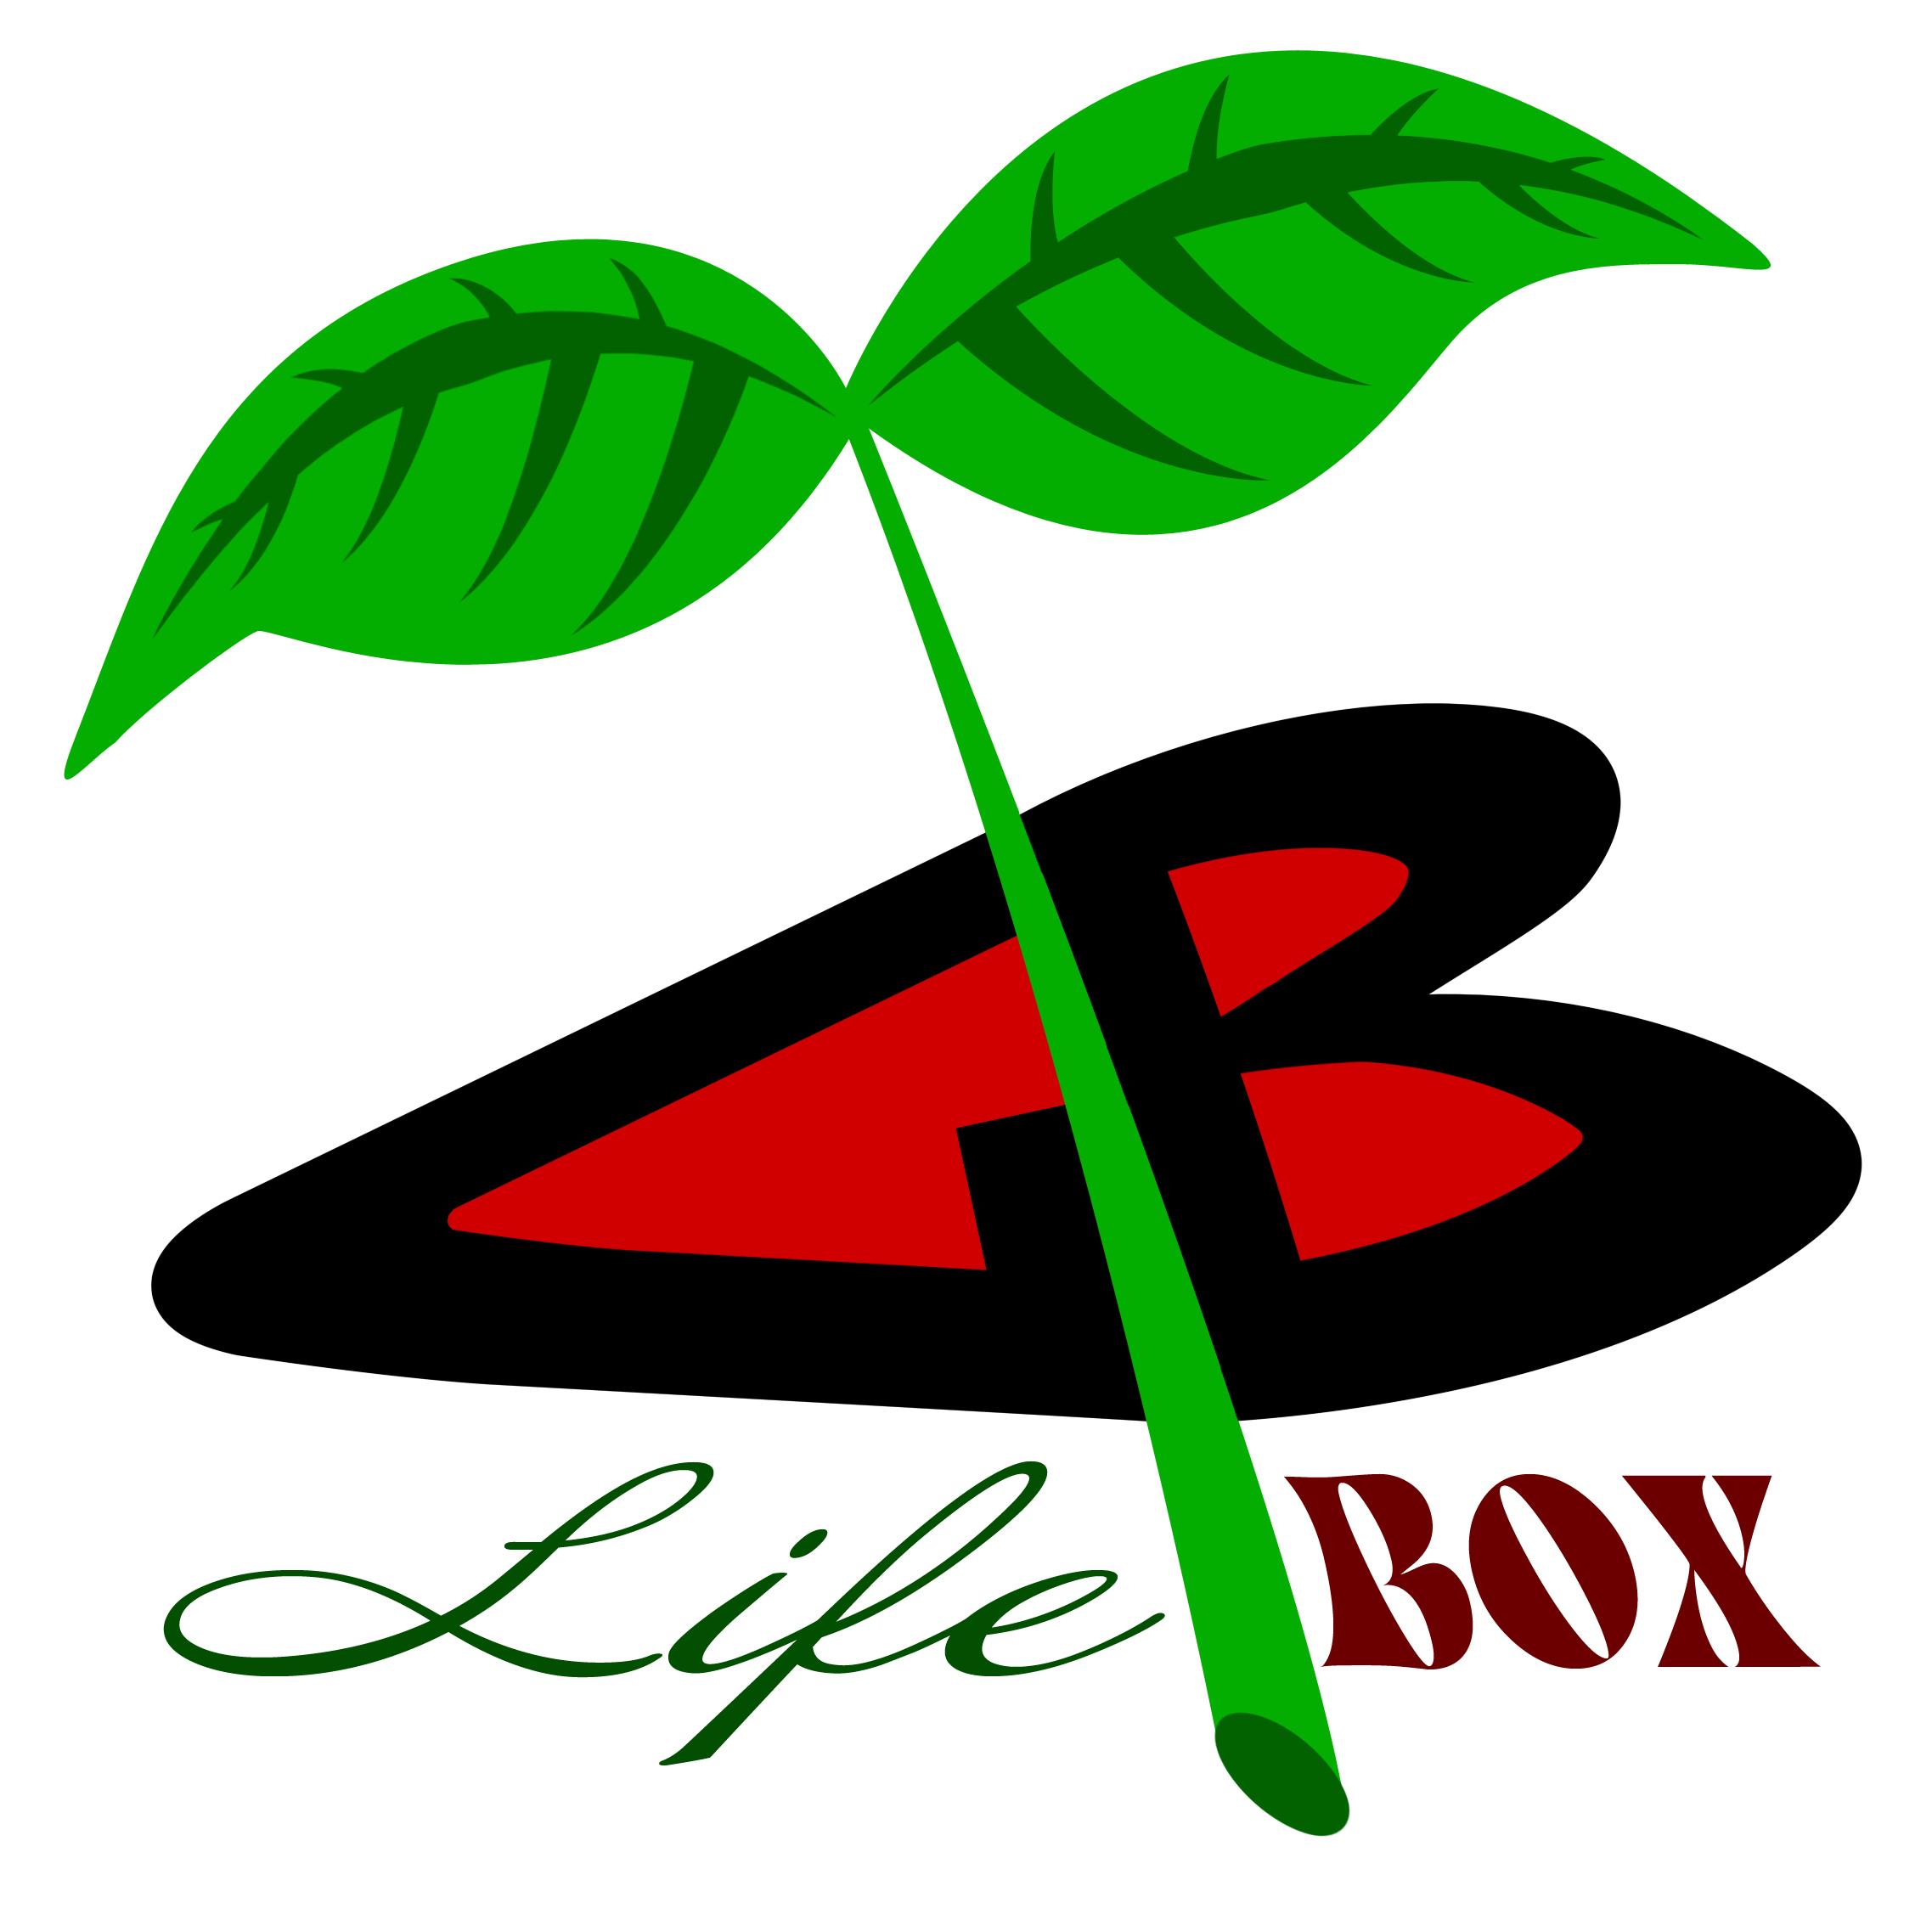 Разработка Логотипа. Победитель получит расширеный заказ  фото f_5315c2d40f55e290.jpg